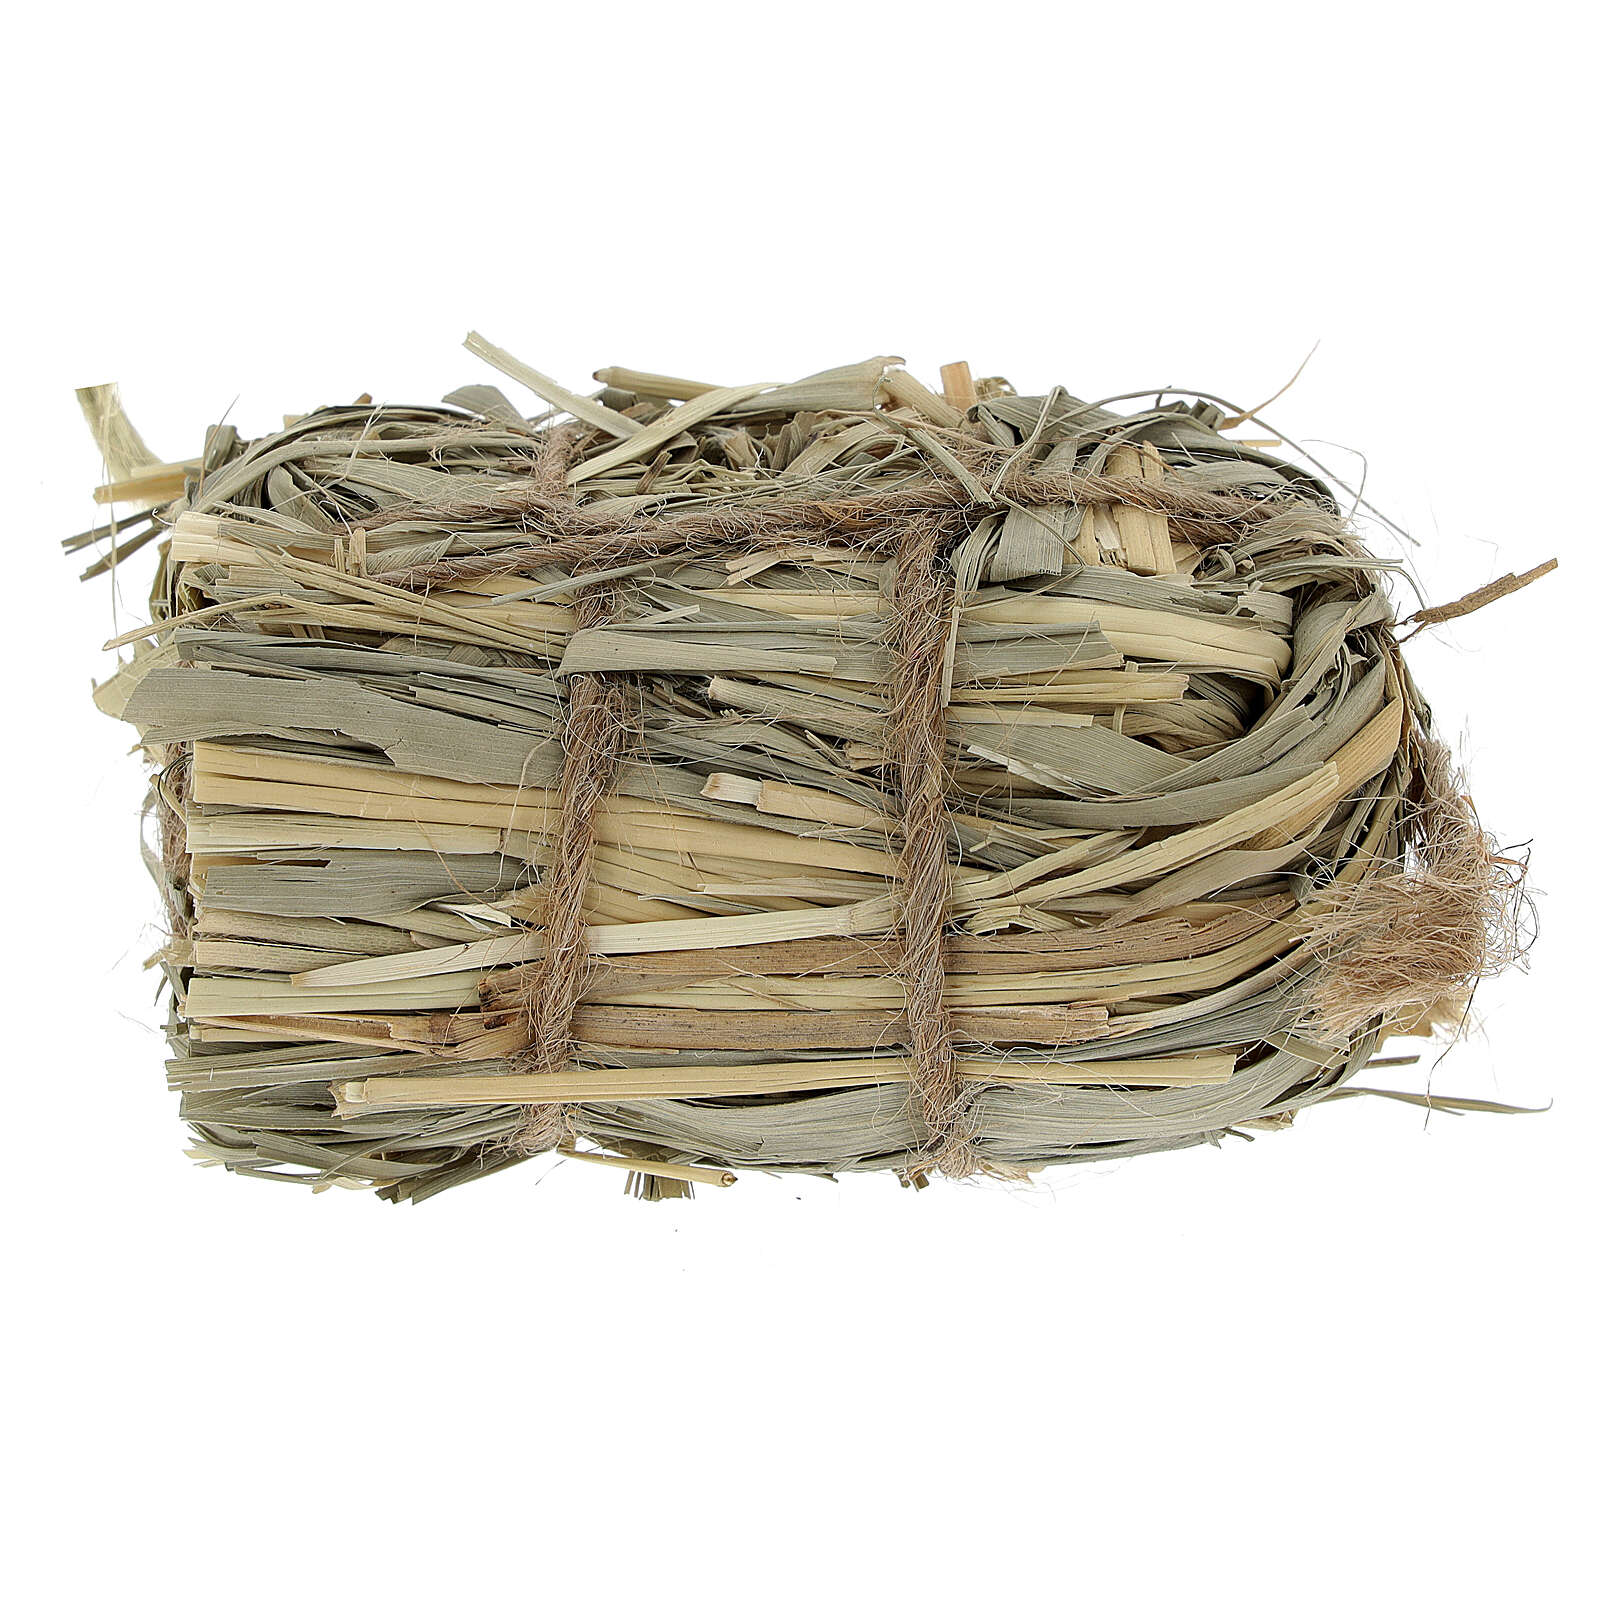 3x7x4 cm Nativity scene hay bale for Nativity scenes 8-10-12 cm 4